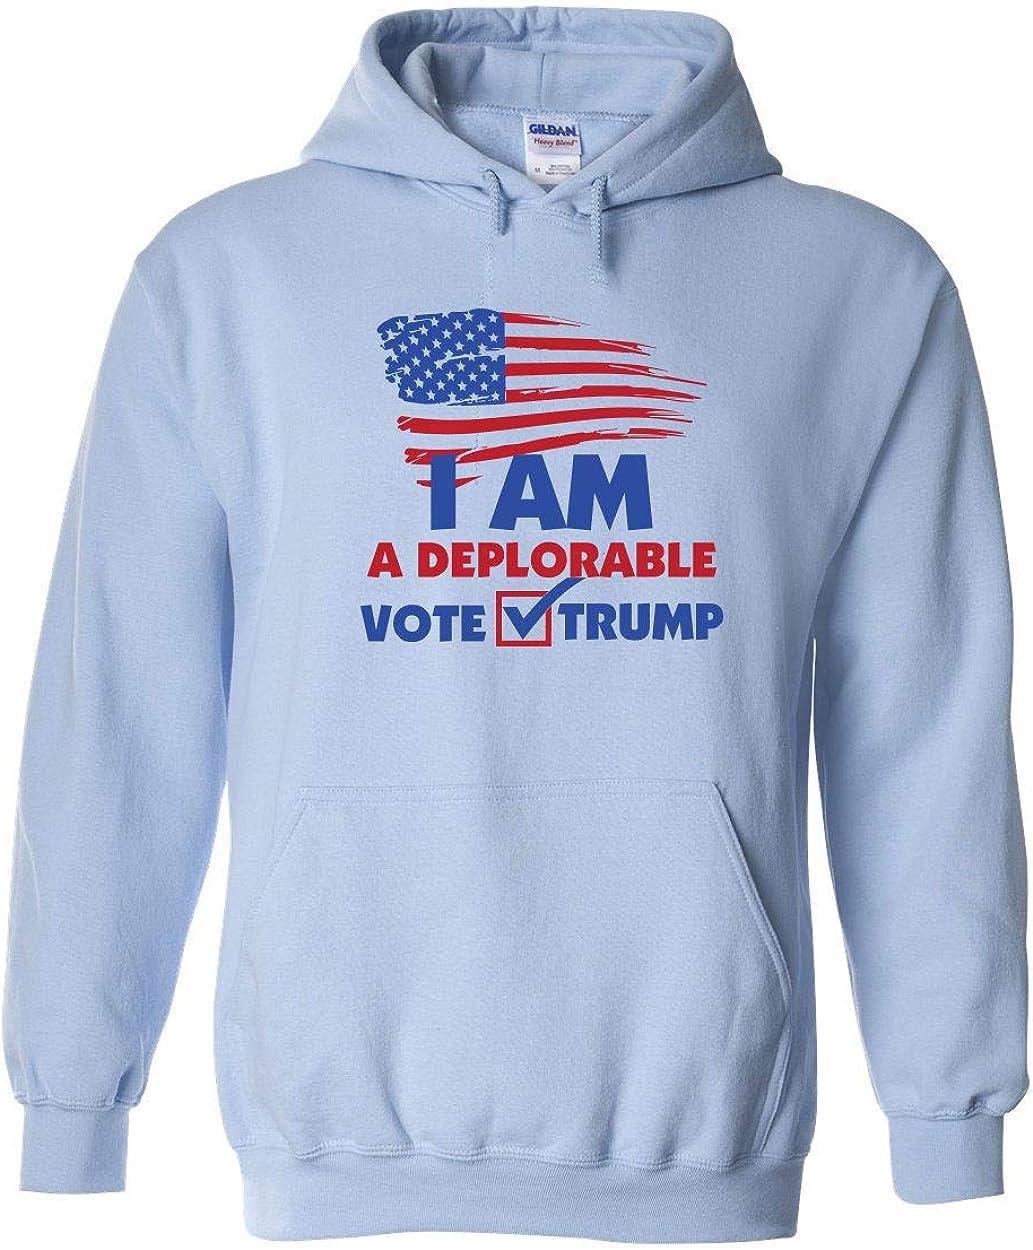 Swaffy Tees 536 Deplorable Vote Trump Funny Adult Hooded Sweatshirt